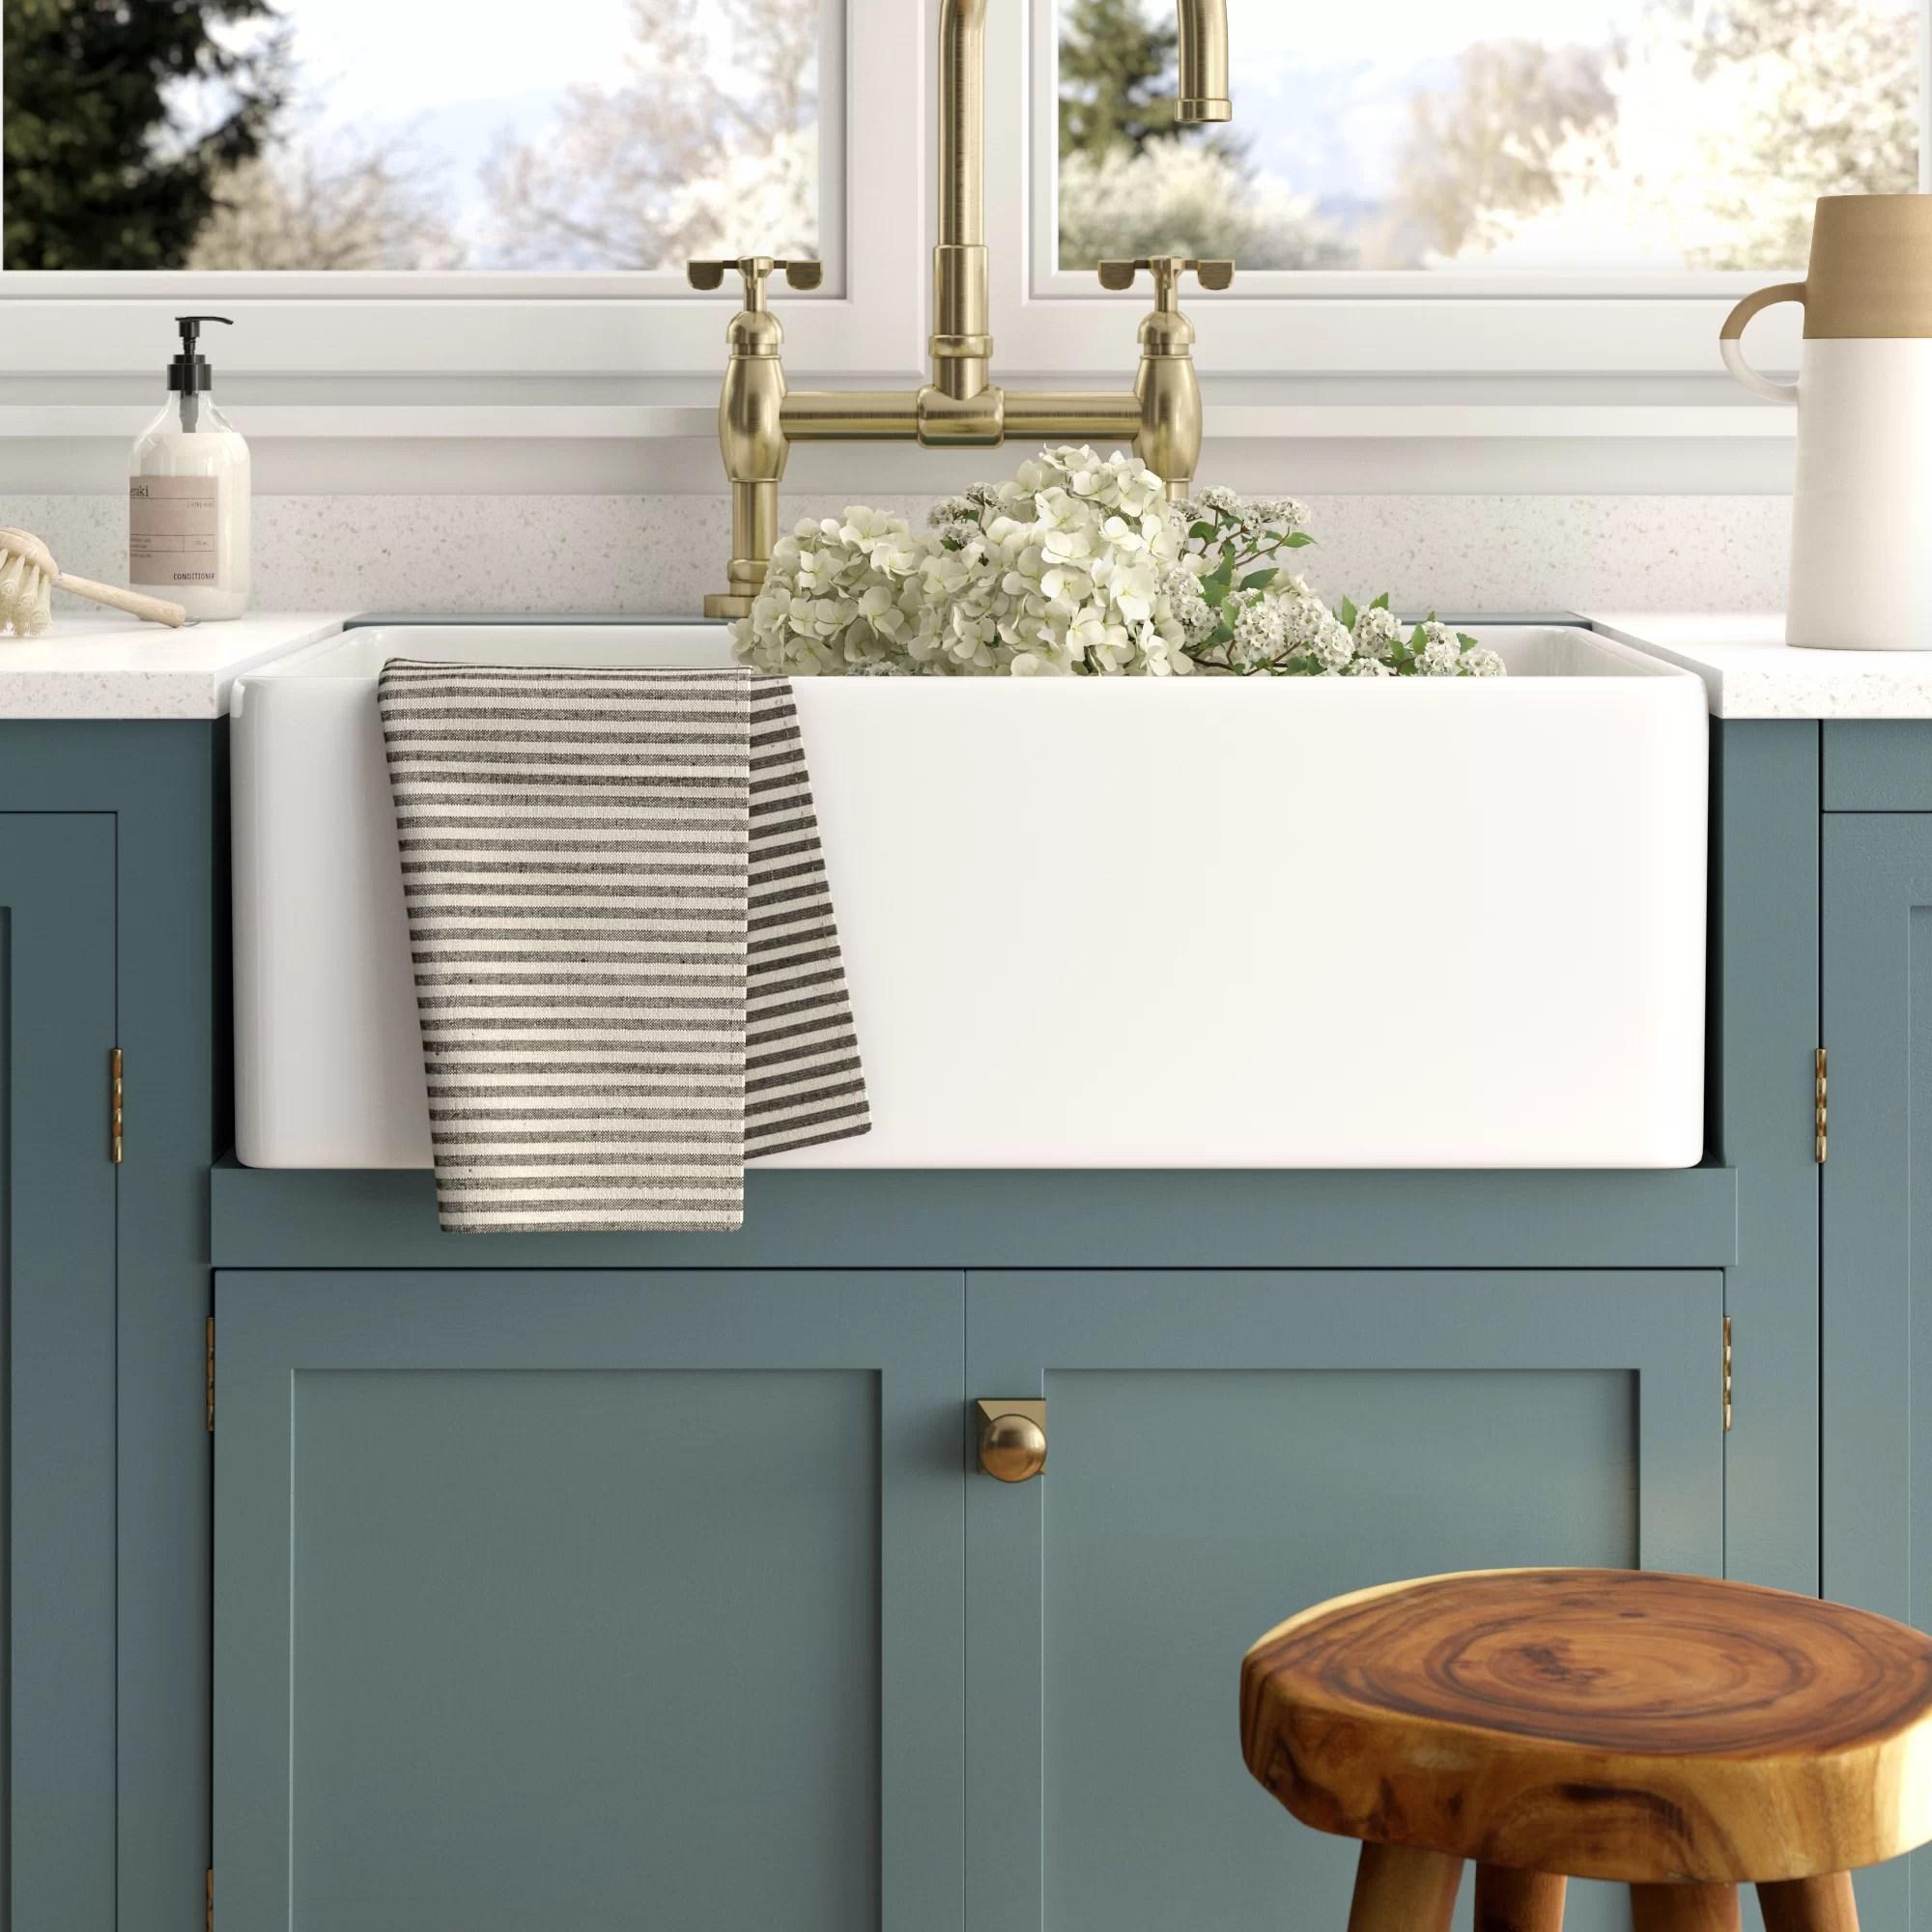 desalvo 30 l x 20 w farmhouse kitchen sink with basket strainer